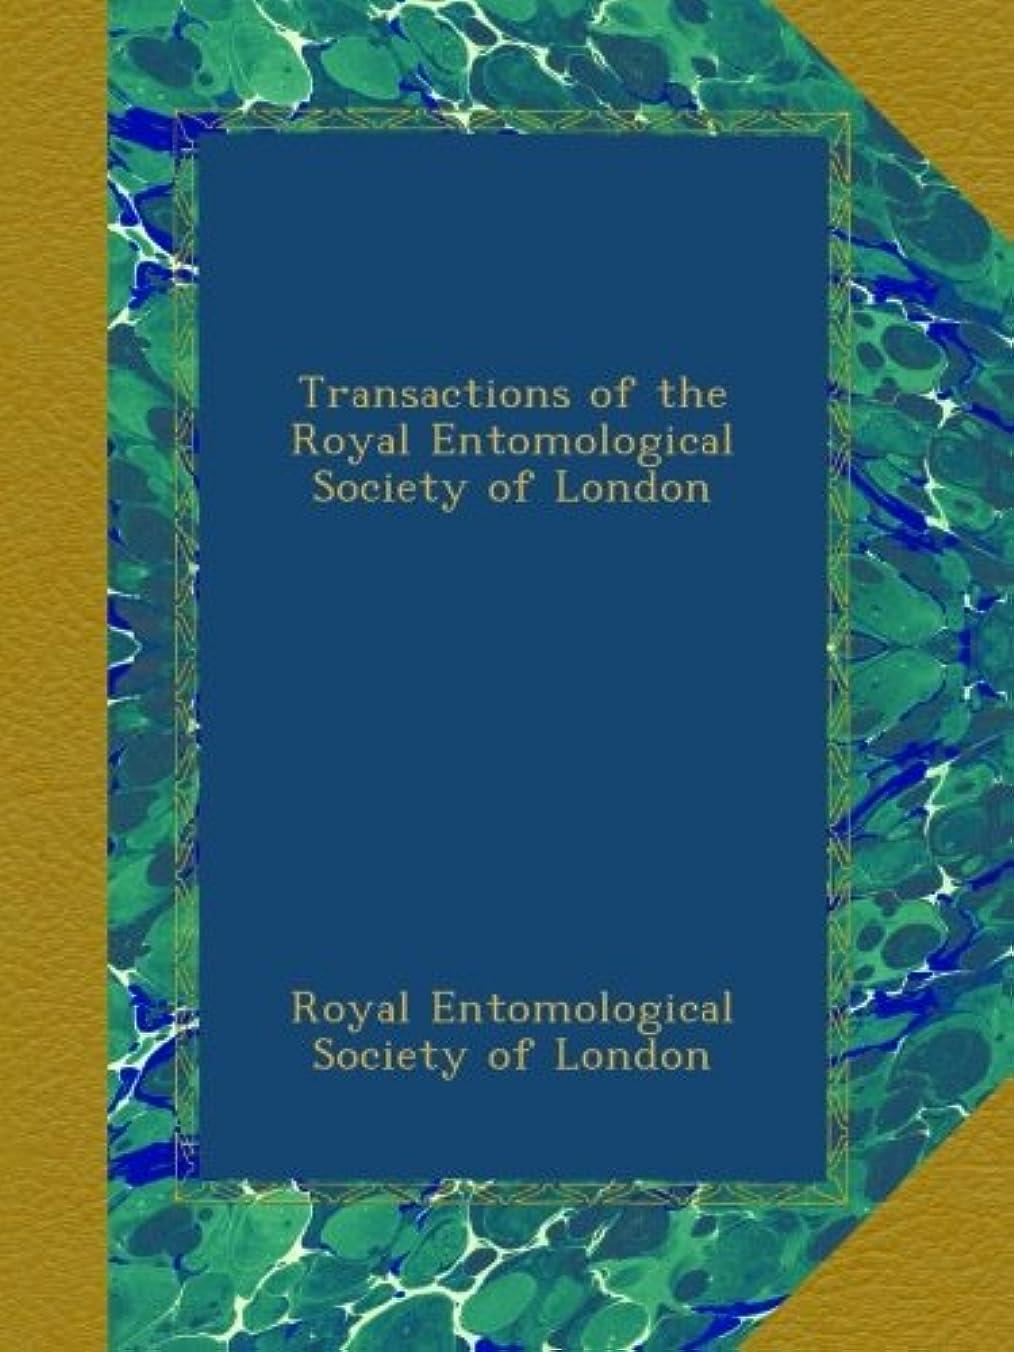 火曜日告発者インタビューTransactions of the Royal Entomological Society of London